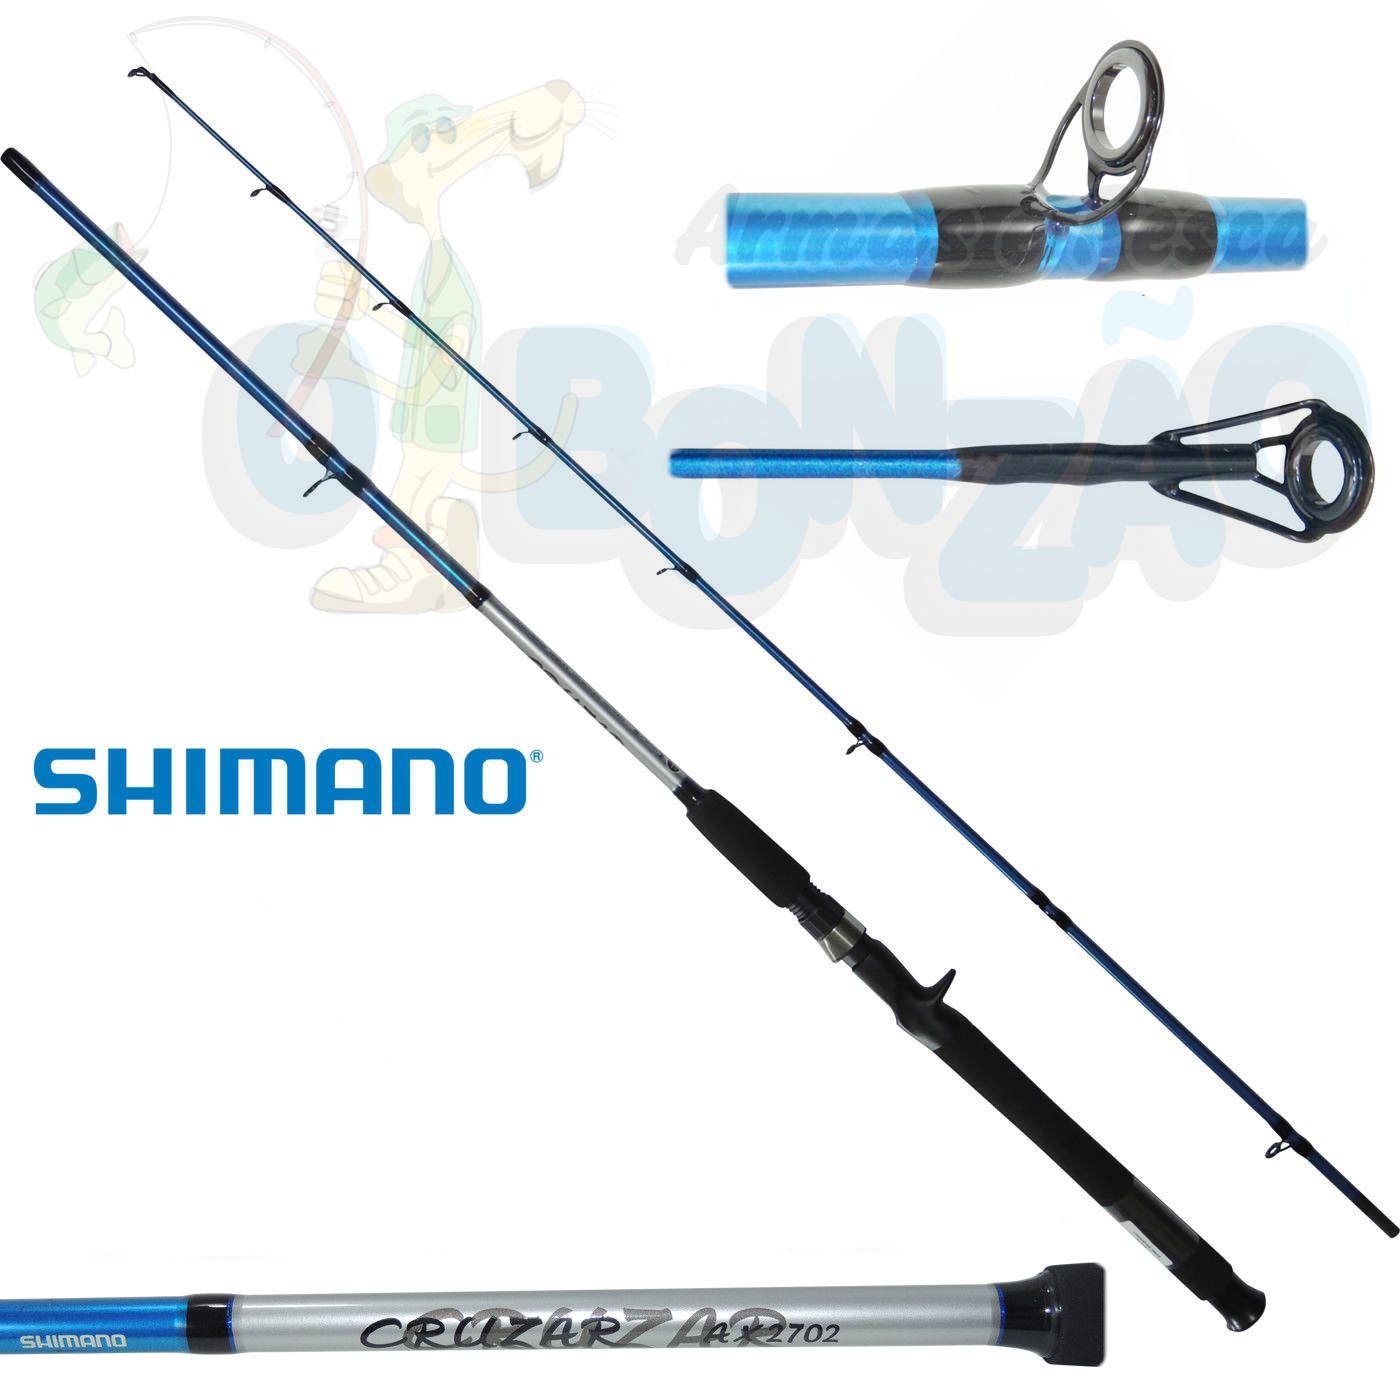 Vara Shimano Cruzar AX 2702 Blue - 10-20lb - 2,10m - Carretilha 2 Partes